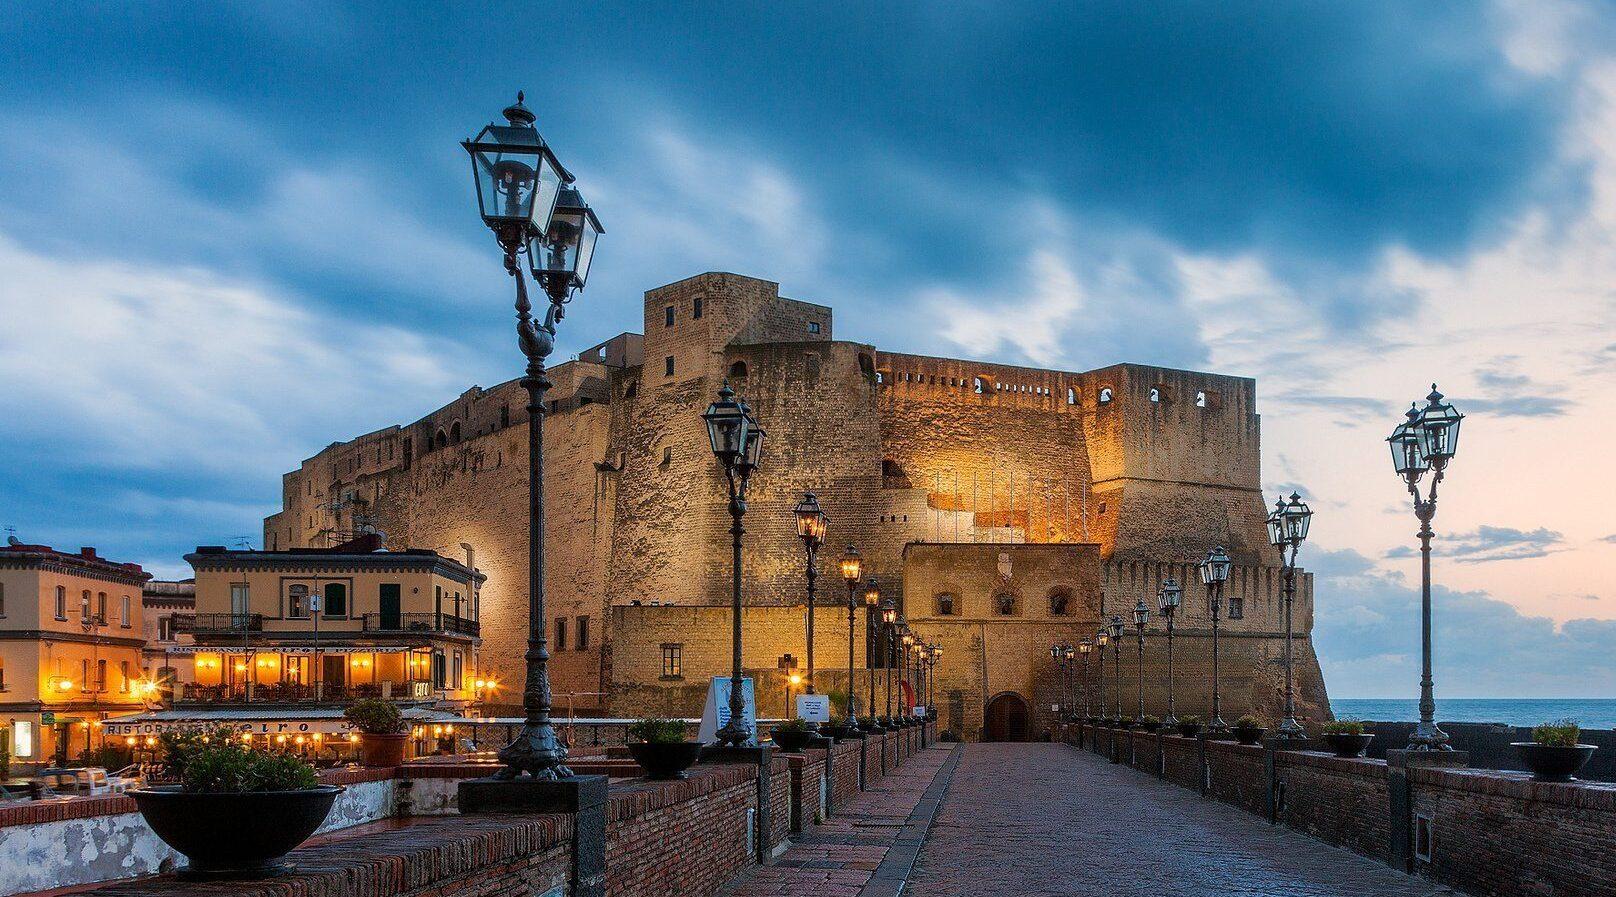 cartel de Al Castel dell'Ovo muchos eventos y música durante todo el verano